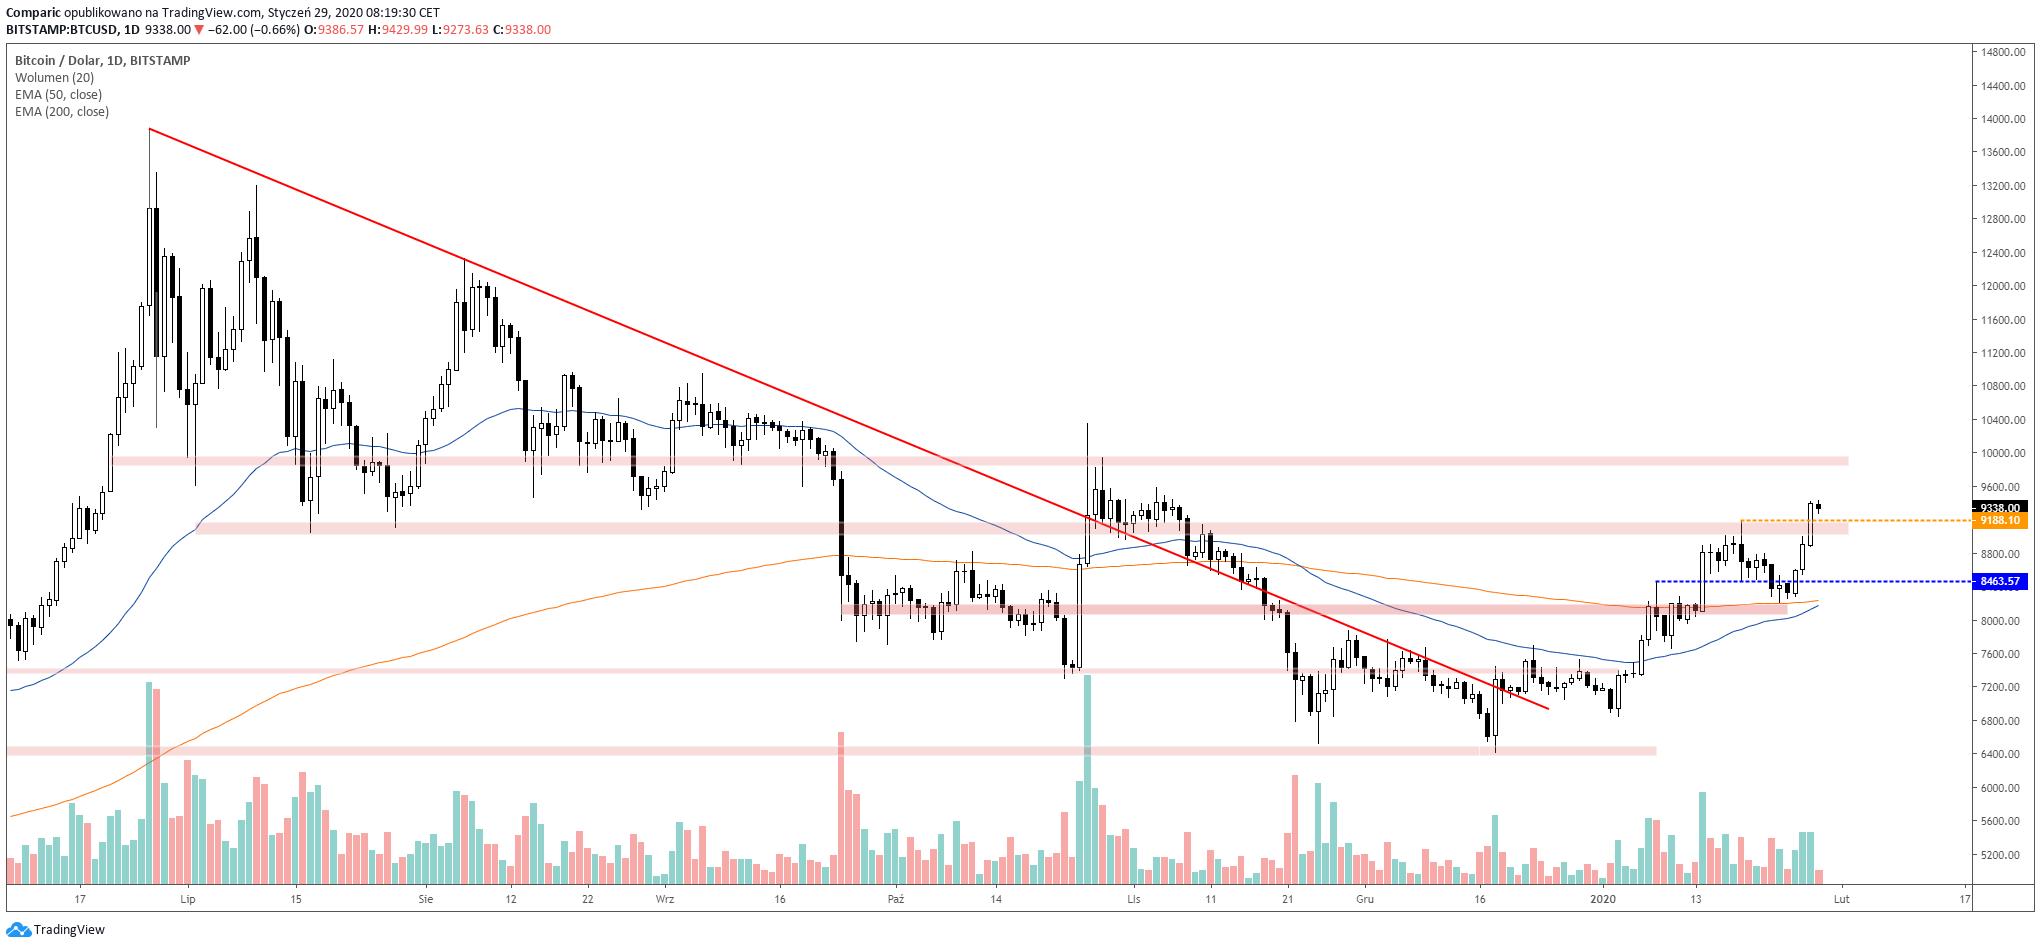 Bitcoin nie był tak wysoko od początku listopada. Źródło: Tradingview.com